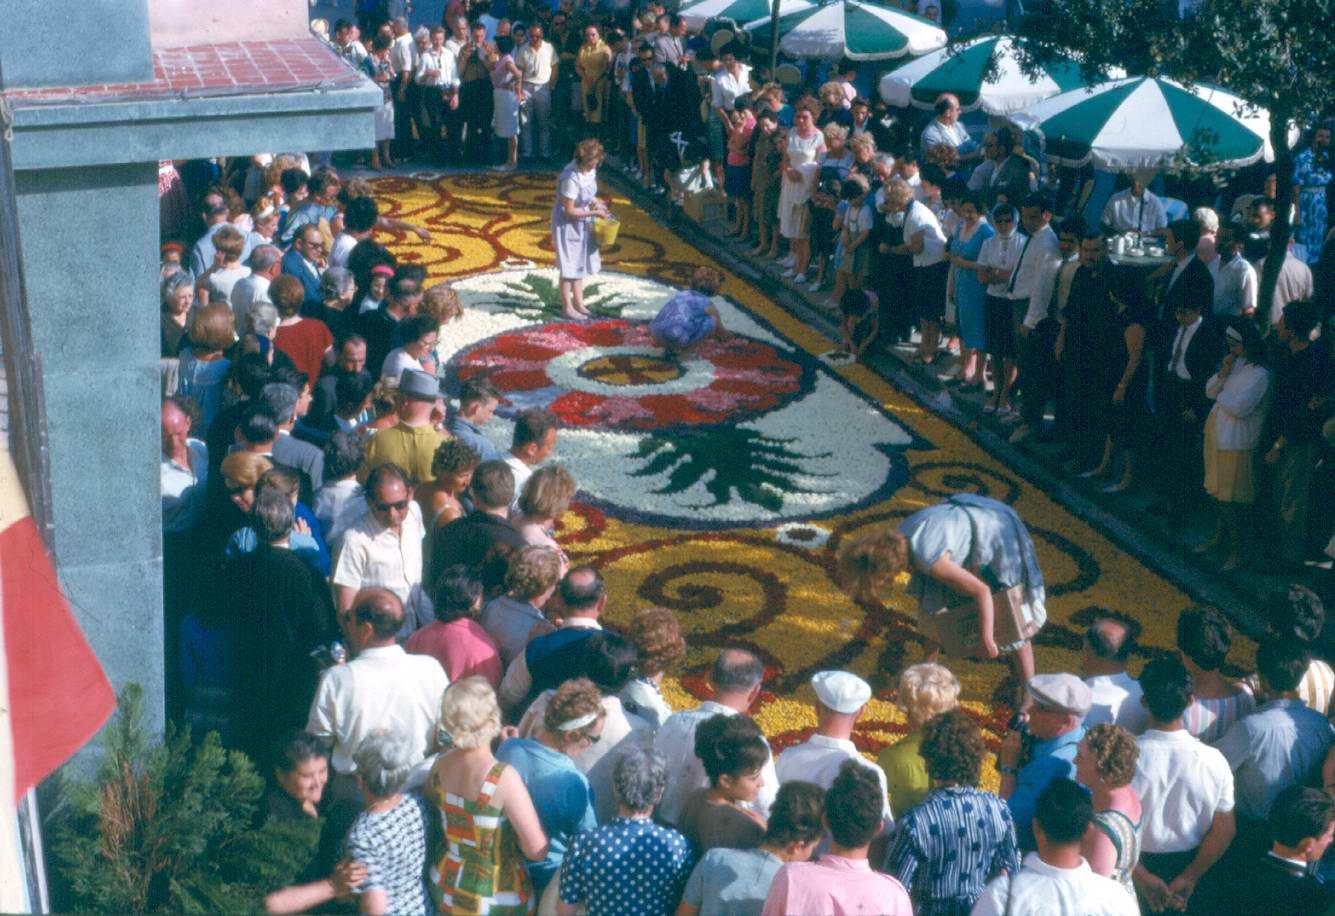 Catifa de flors a la rambla del Portalet, davant de l'Hotel les Noies, l'any 1962. AMSFG. Fons família Martí (Autor desconegut)